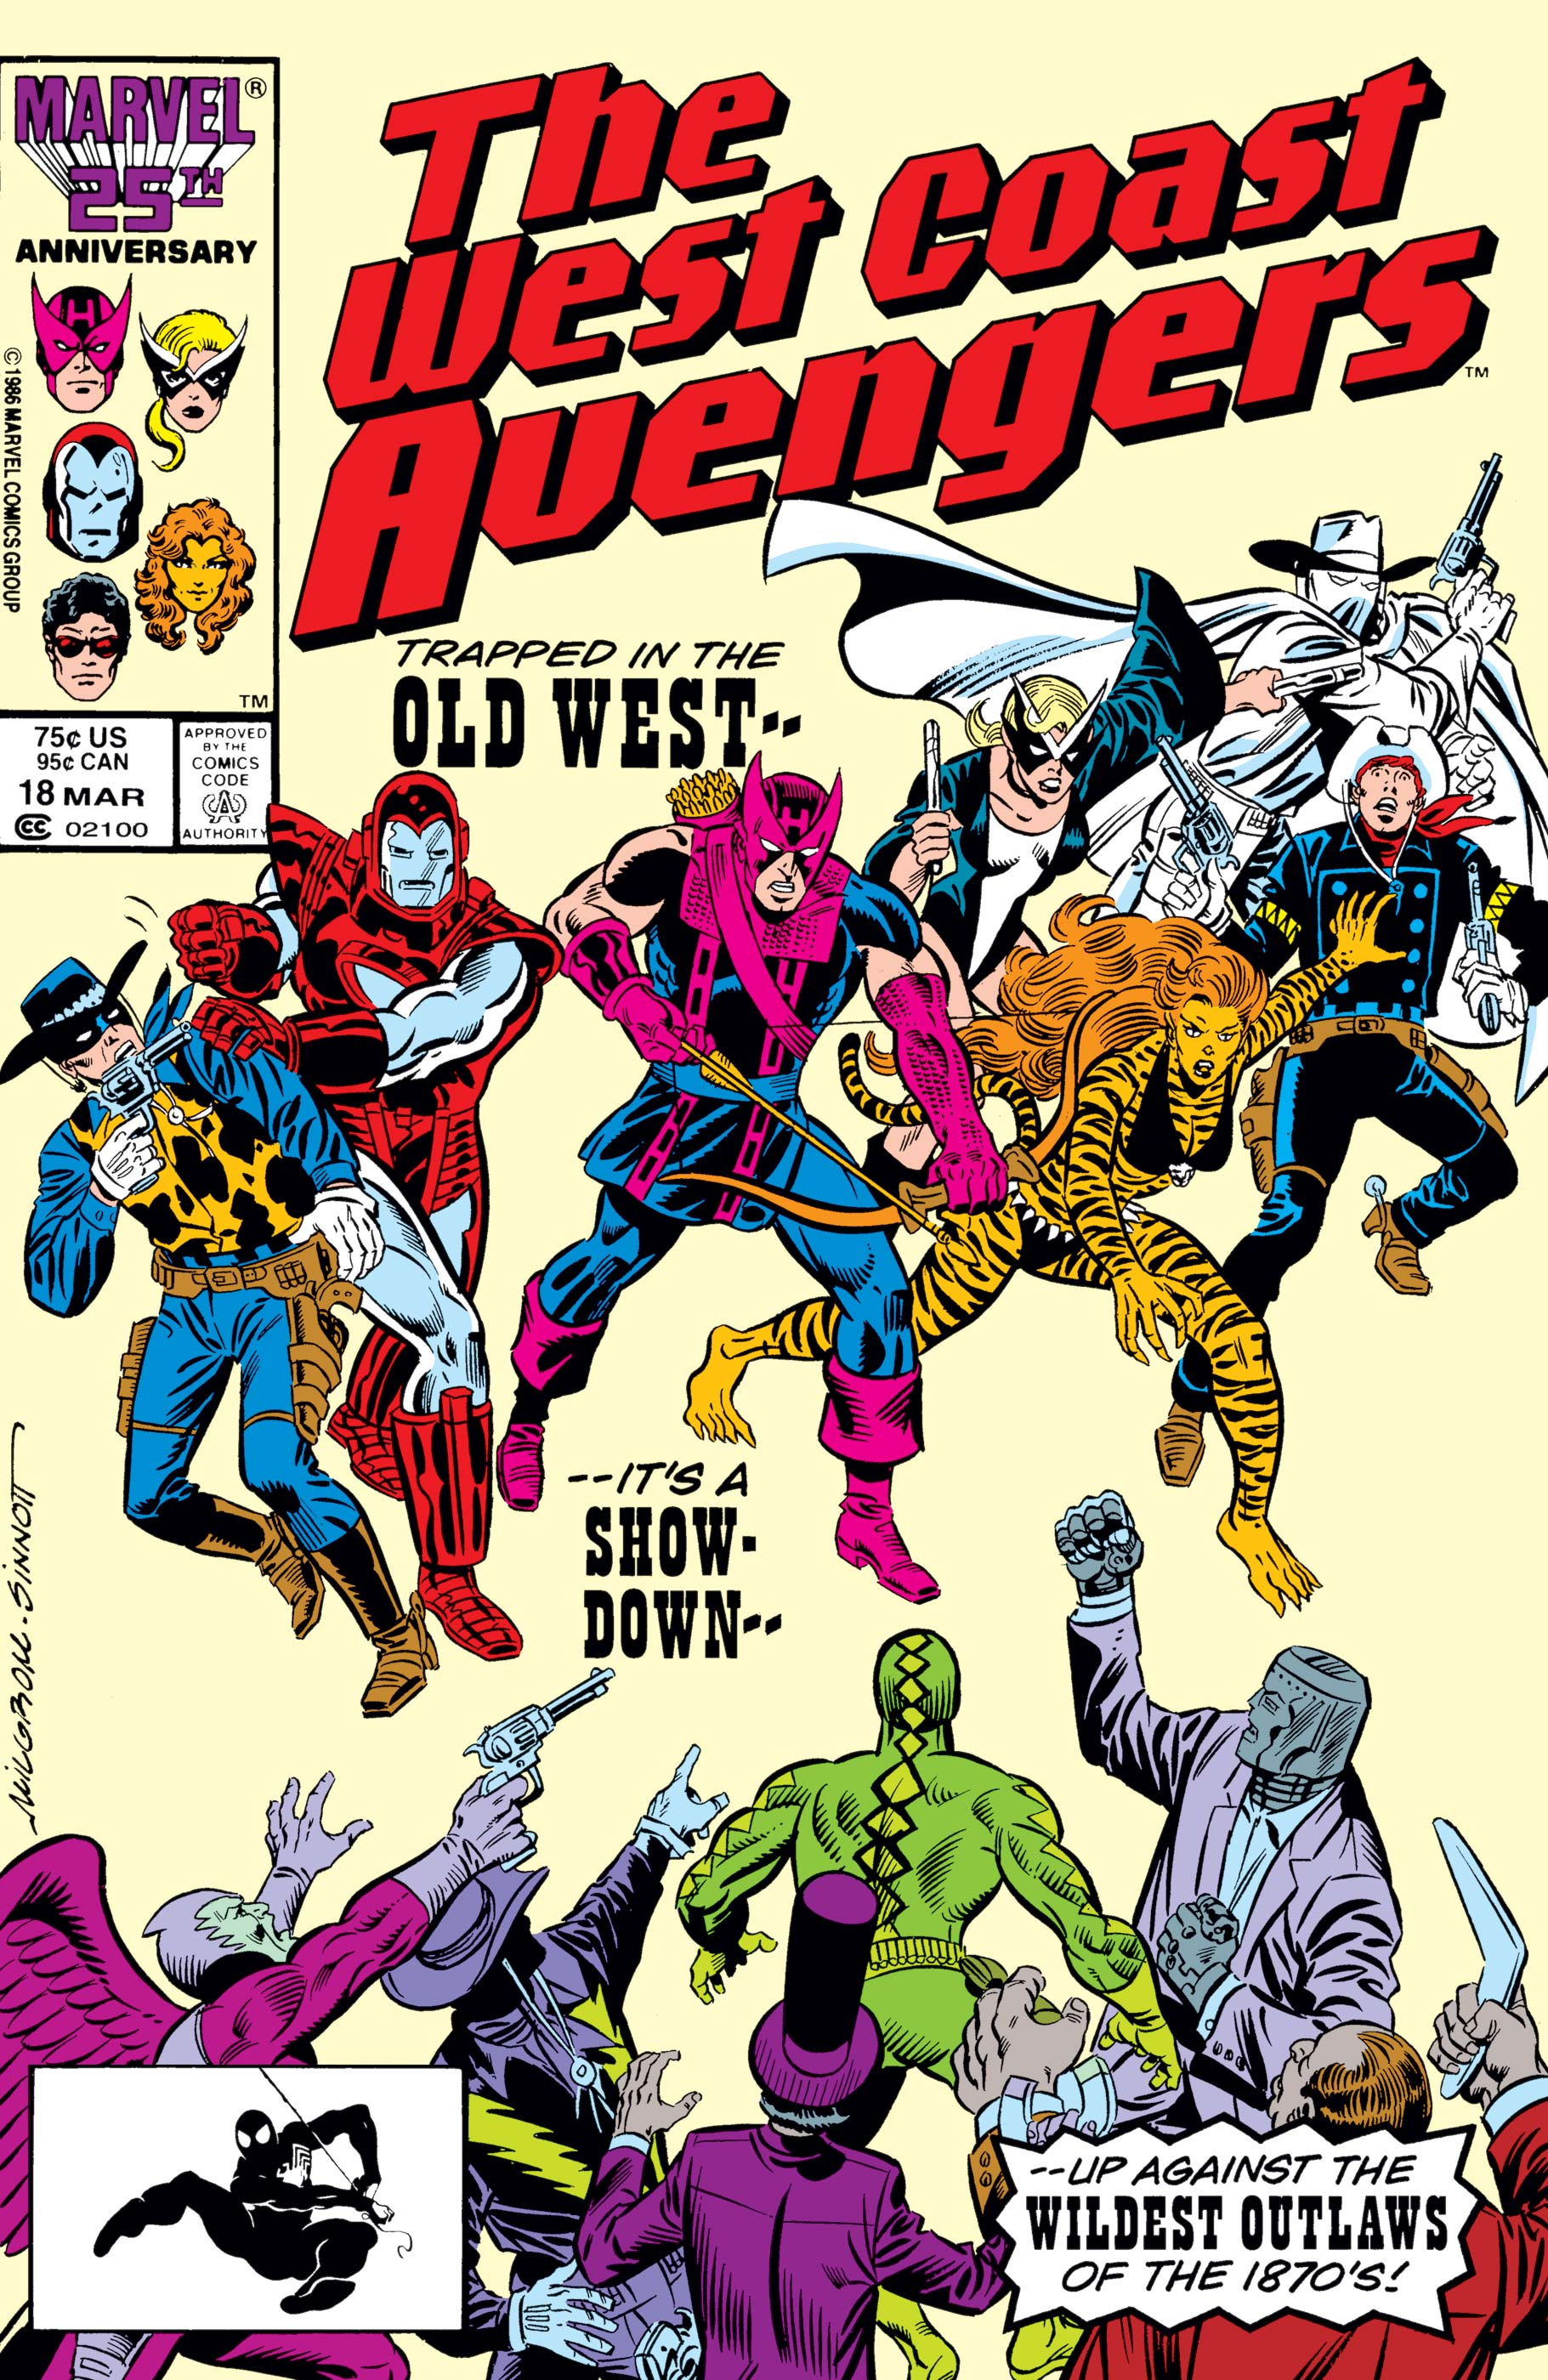 West Coast Avengers (1985) #18